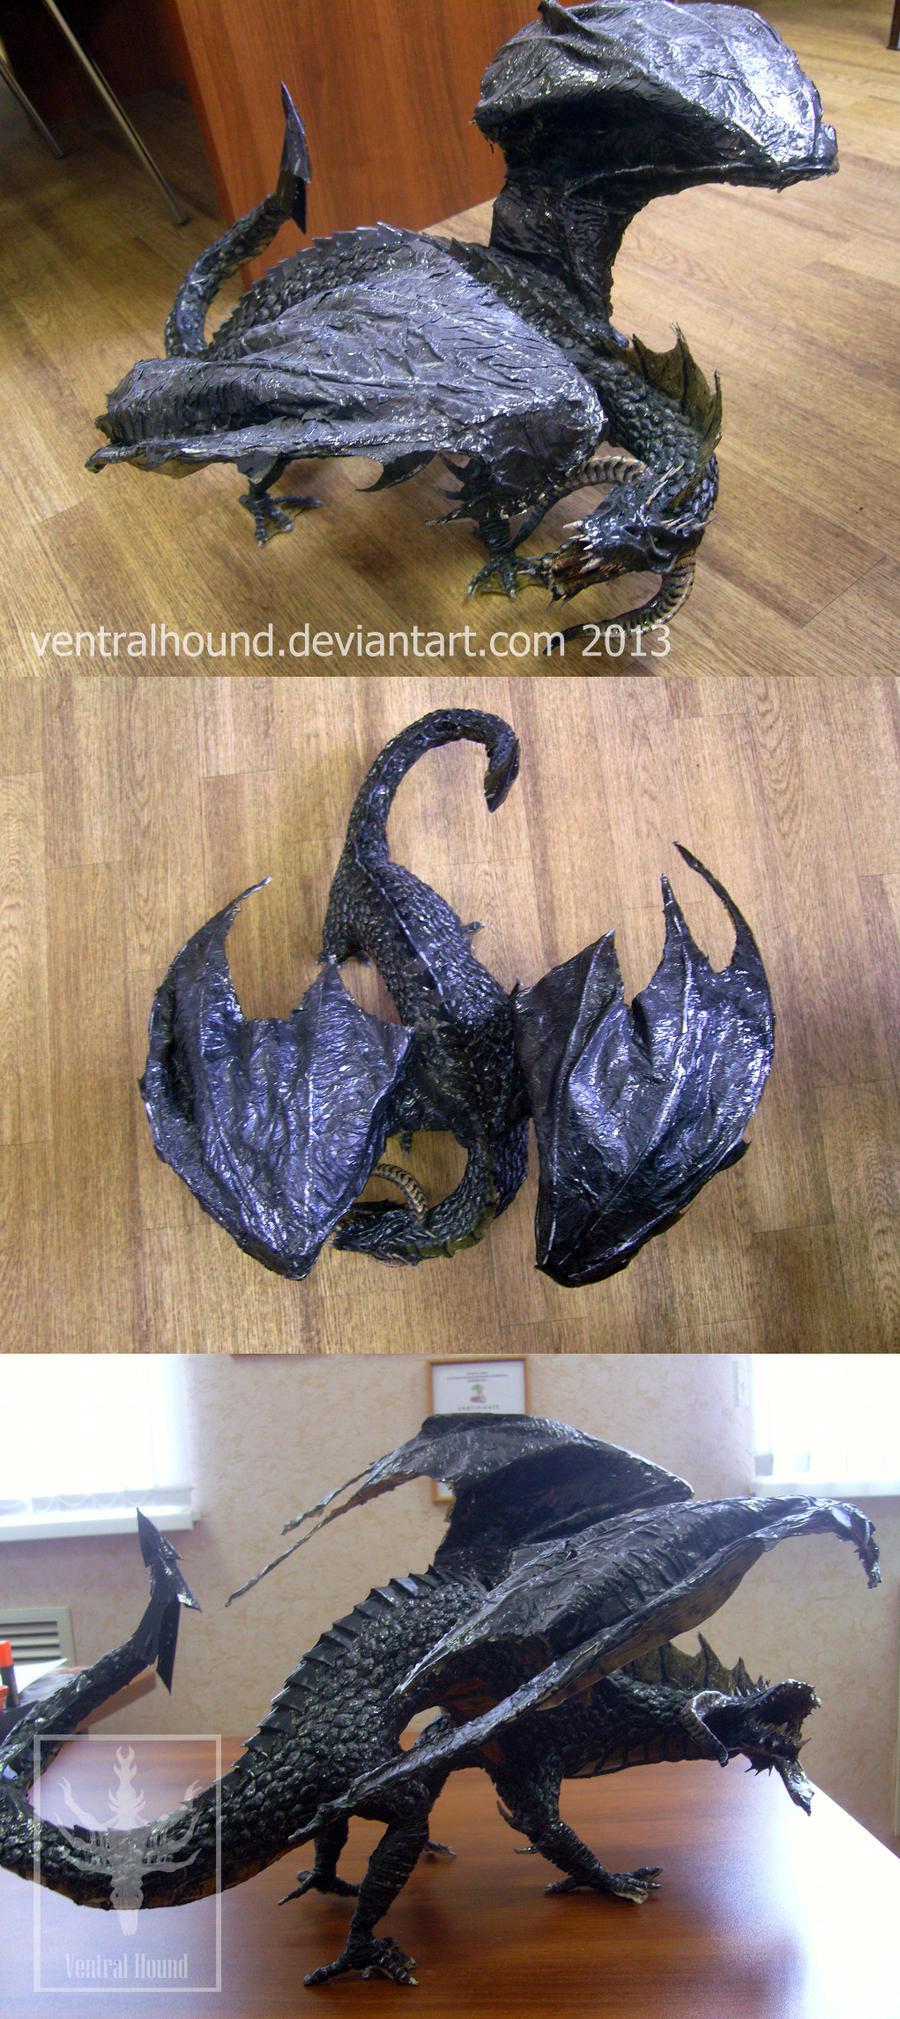 DnD series: Black Dragon by VentralHound